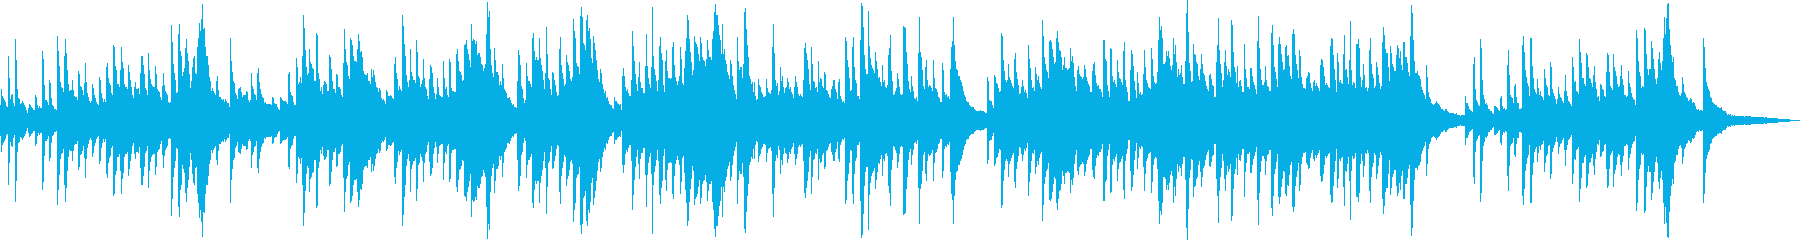 現代的 交響曲 室内楽 クラシック...の再生済みの波形